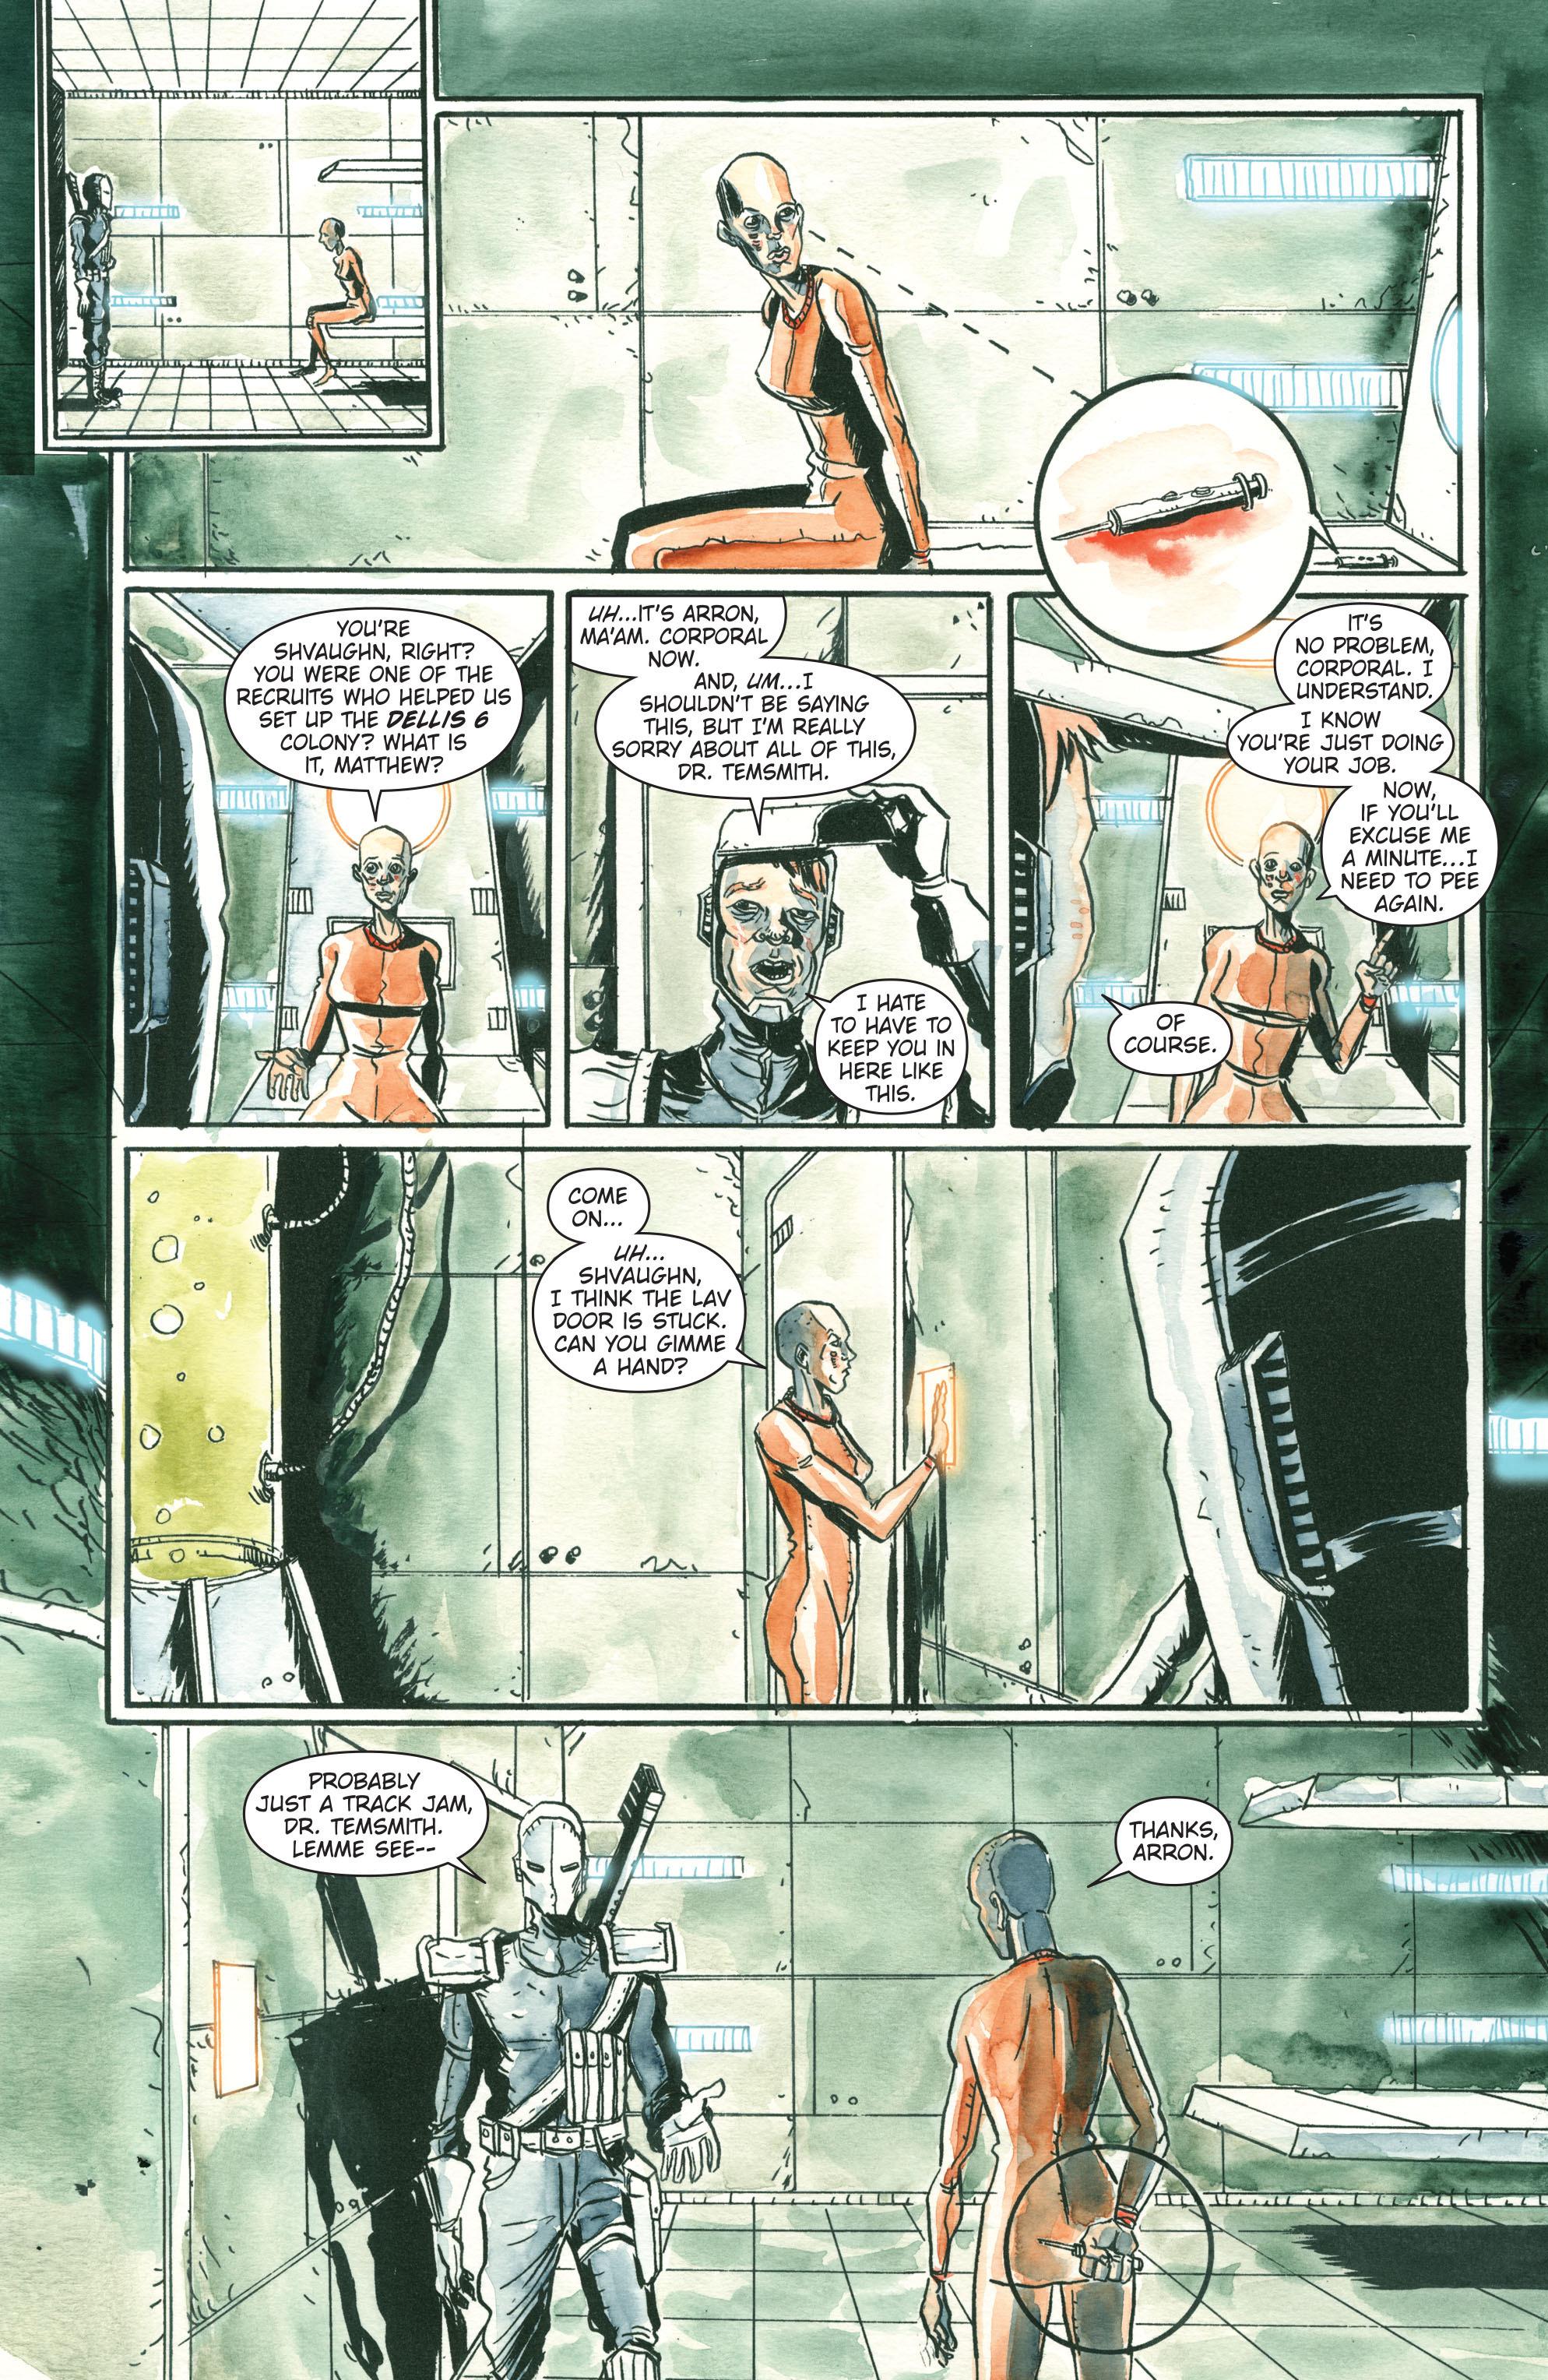 Read online Trillium comic -  Issue # TPB - 63